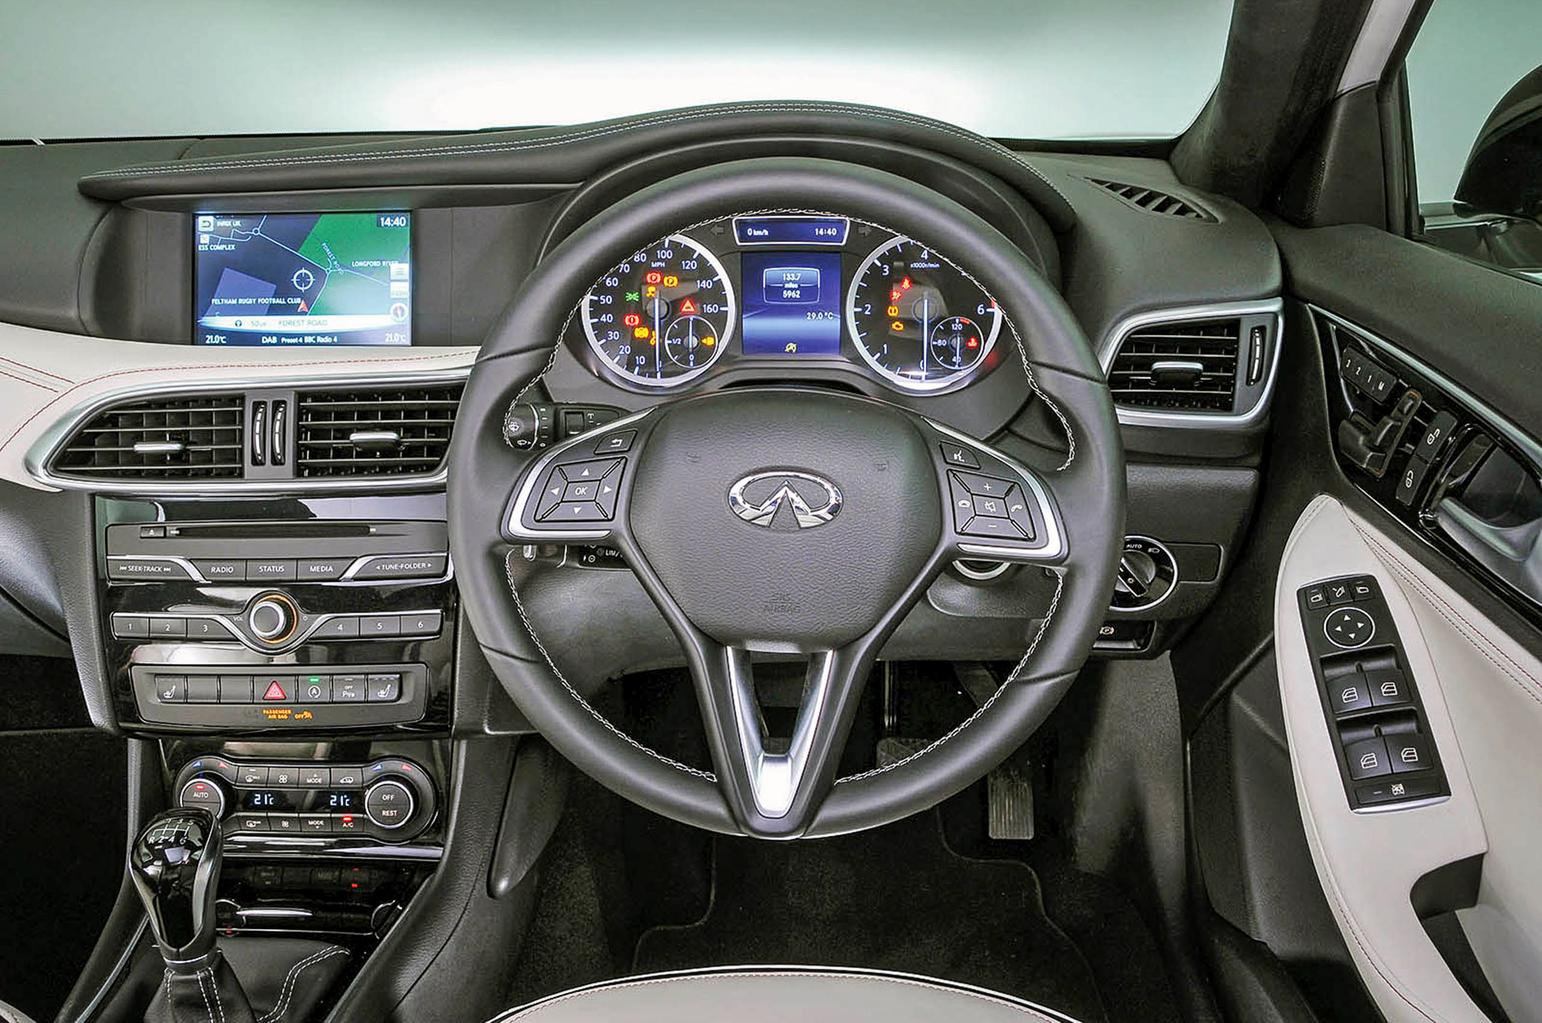 New Audi A3 Sportback vs Alfa Romeo Giulietta vs Infiniti Q30